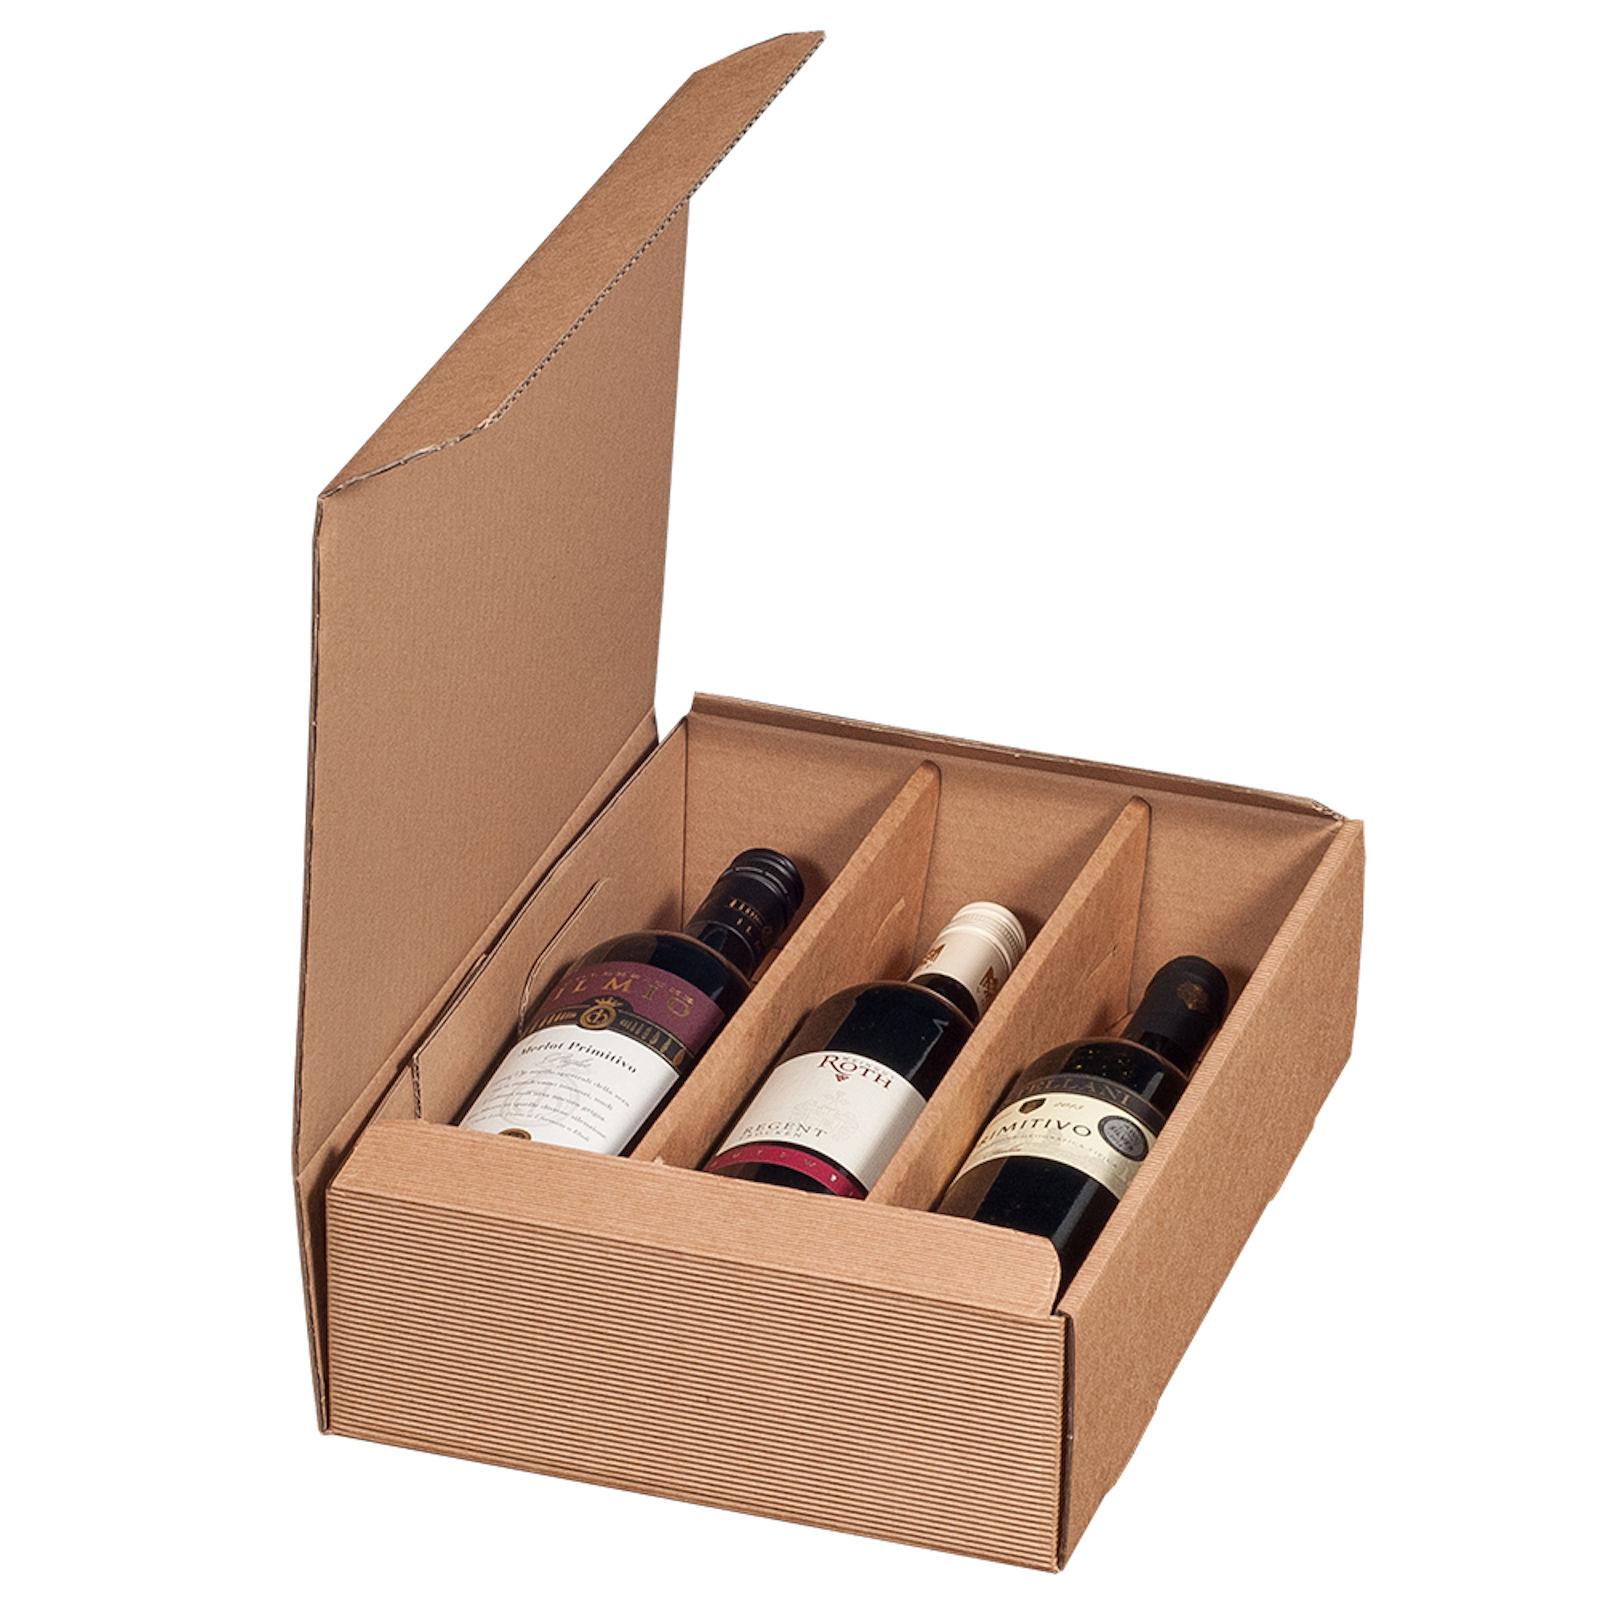 Flaschen wein verpacken 2 Geschenke